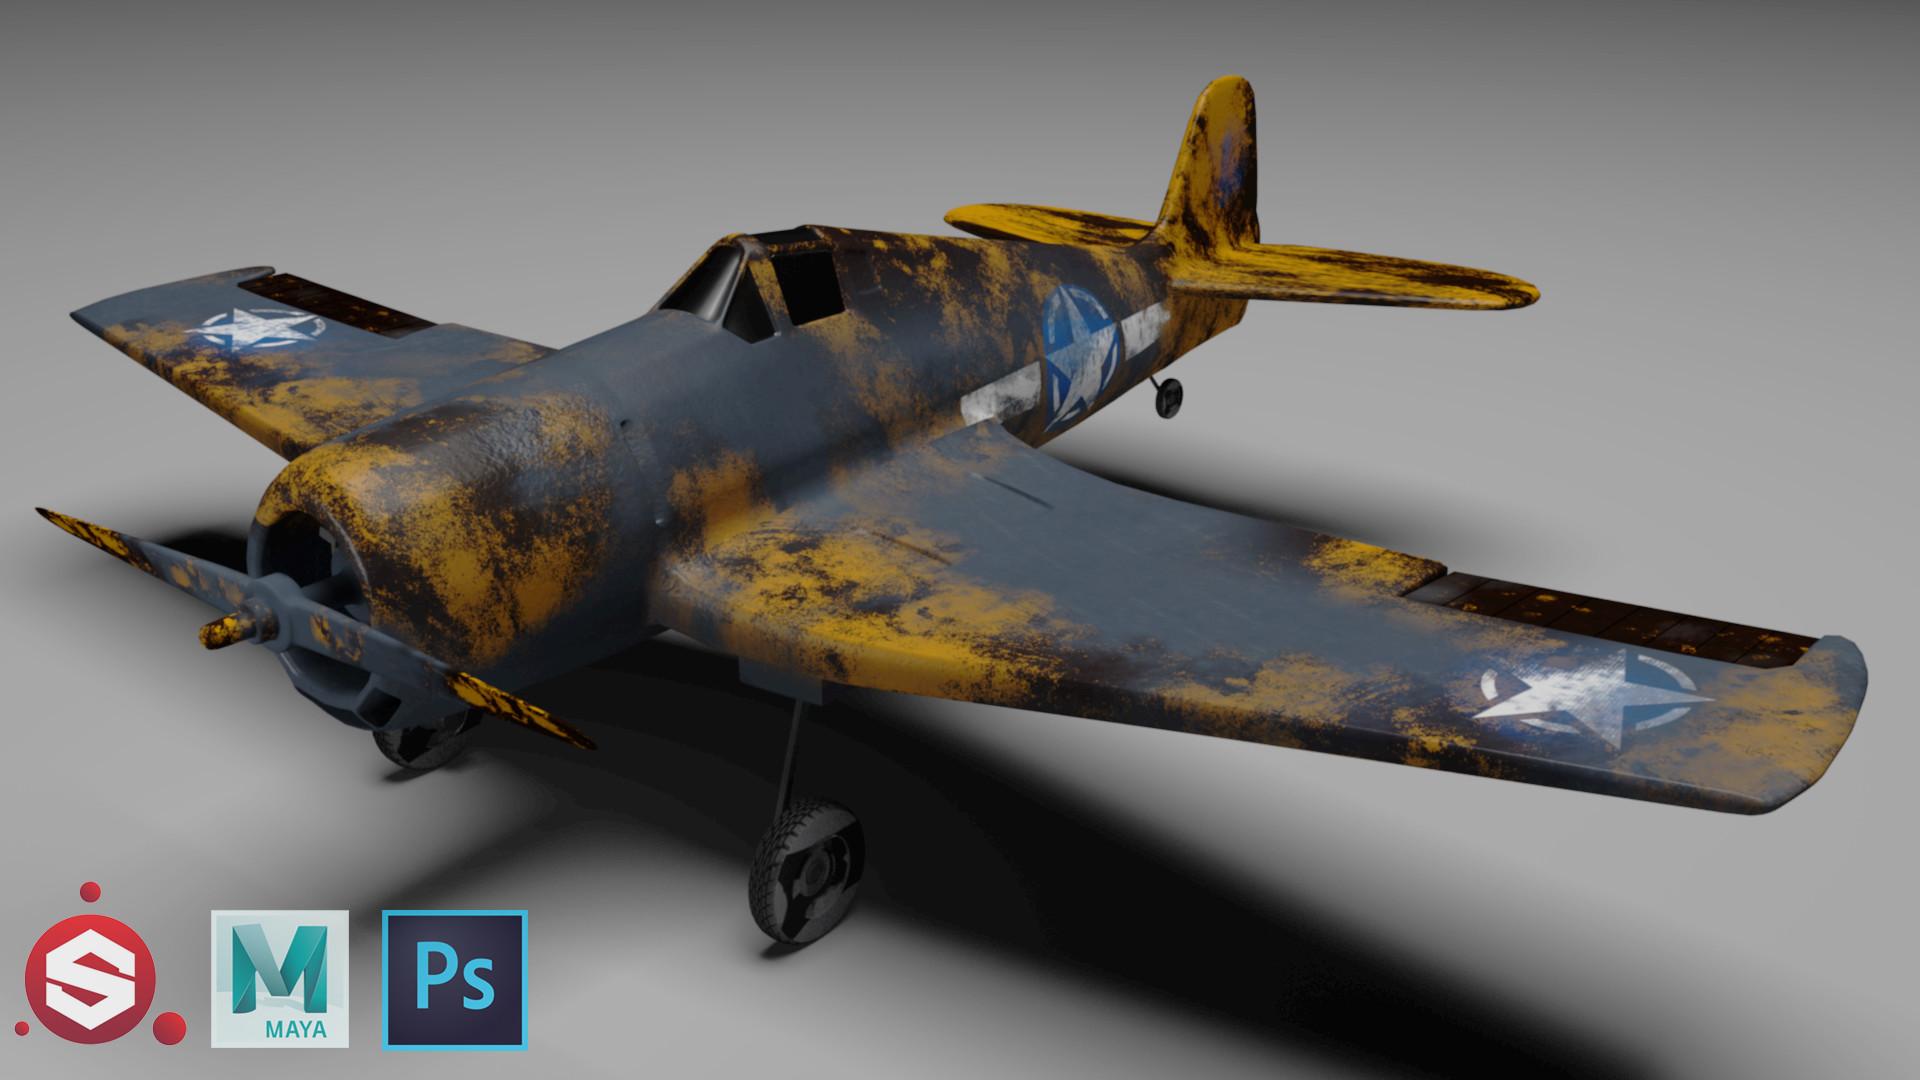 Iván Mora - Hellcat plane 3d model